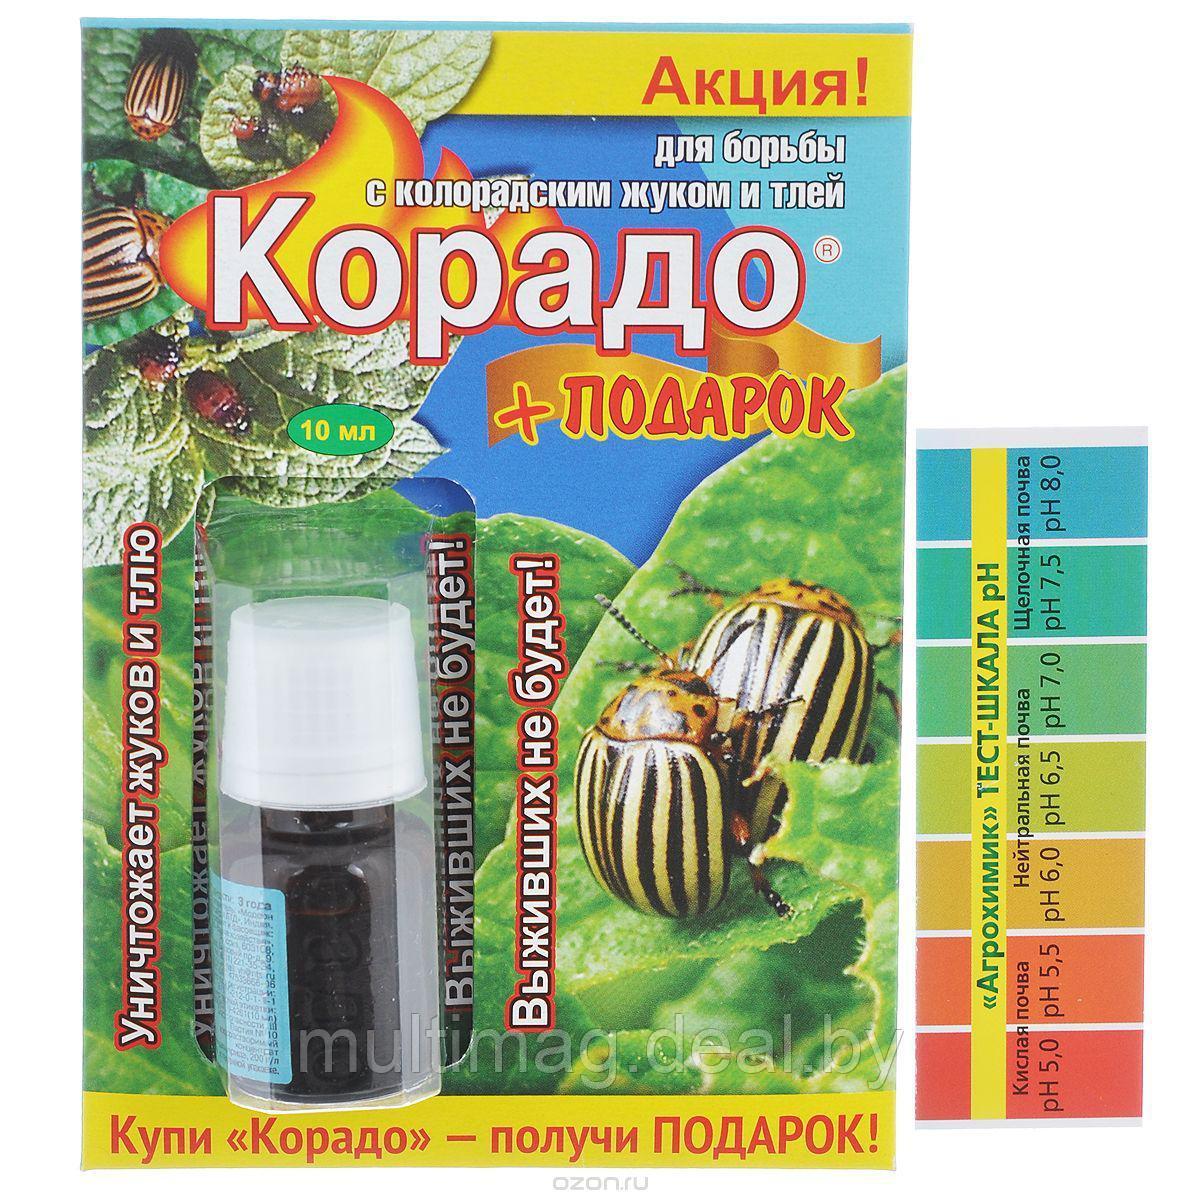 Инсектицид «калаш» от колорадского жука: применение, отзывы